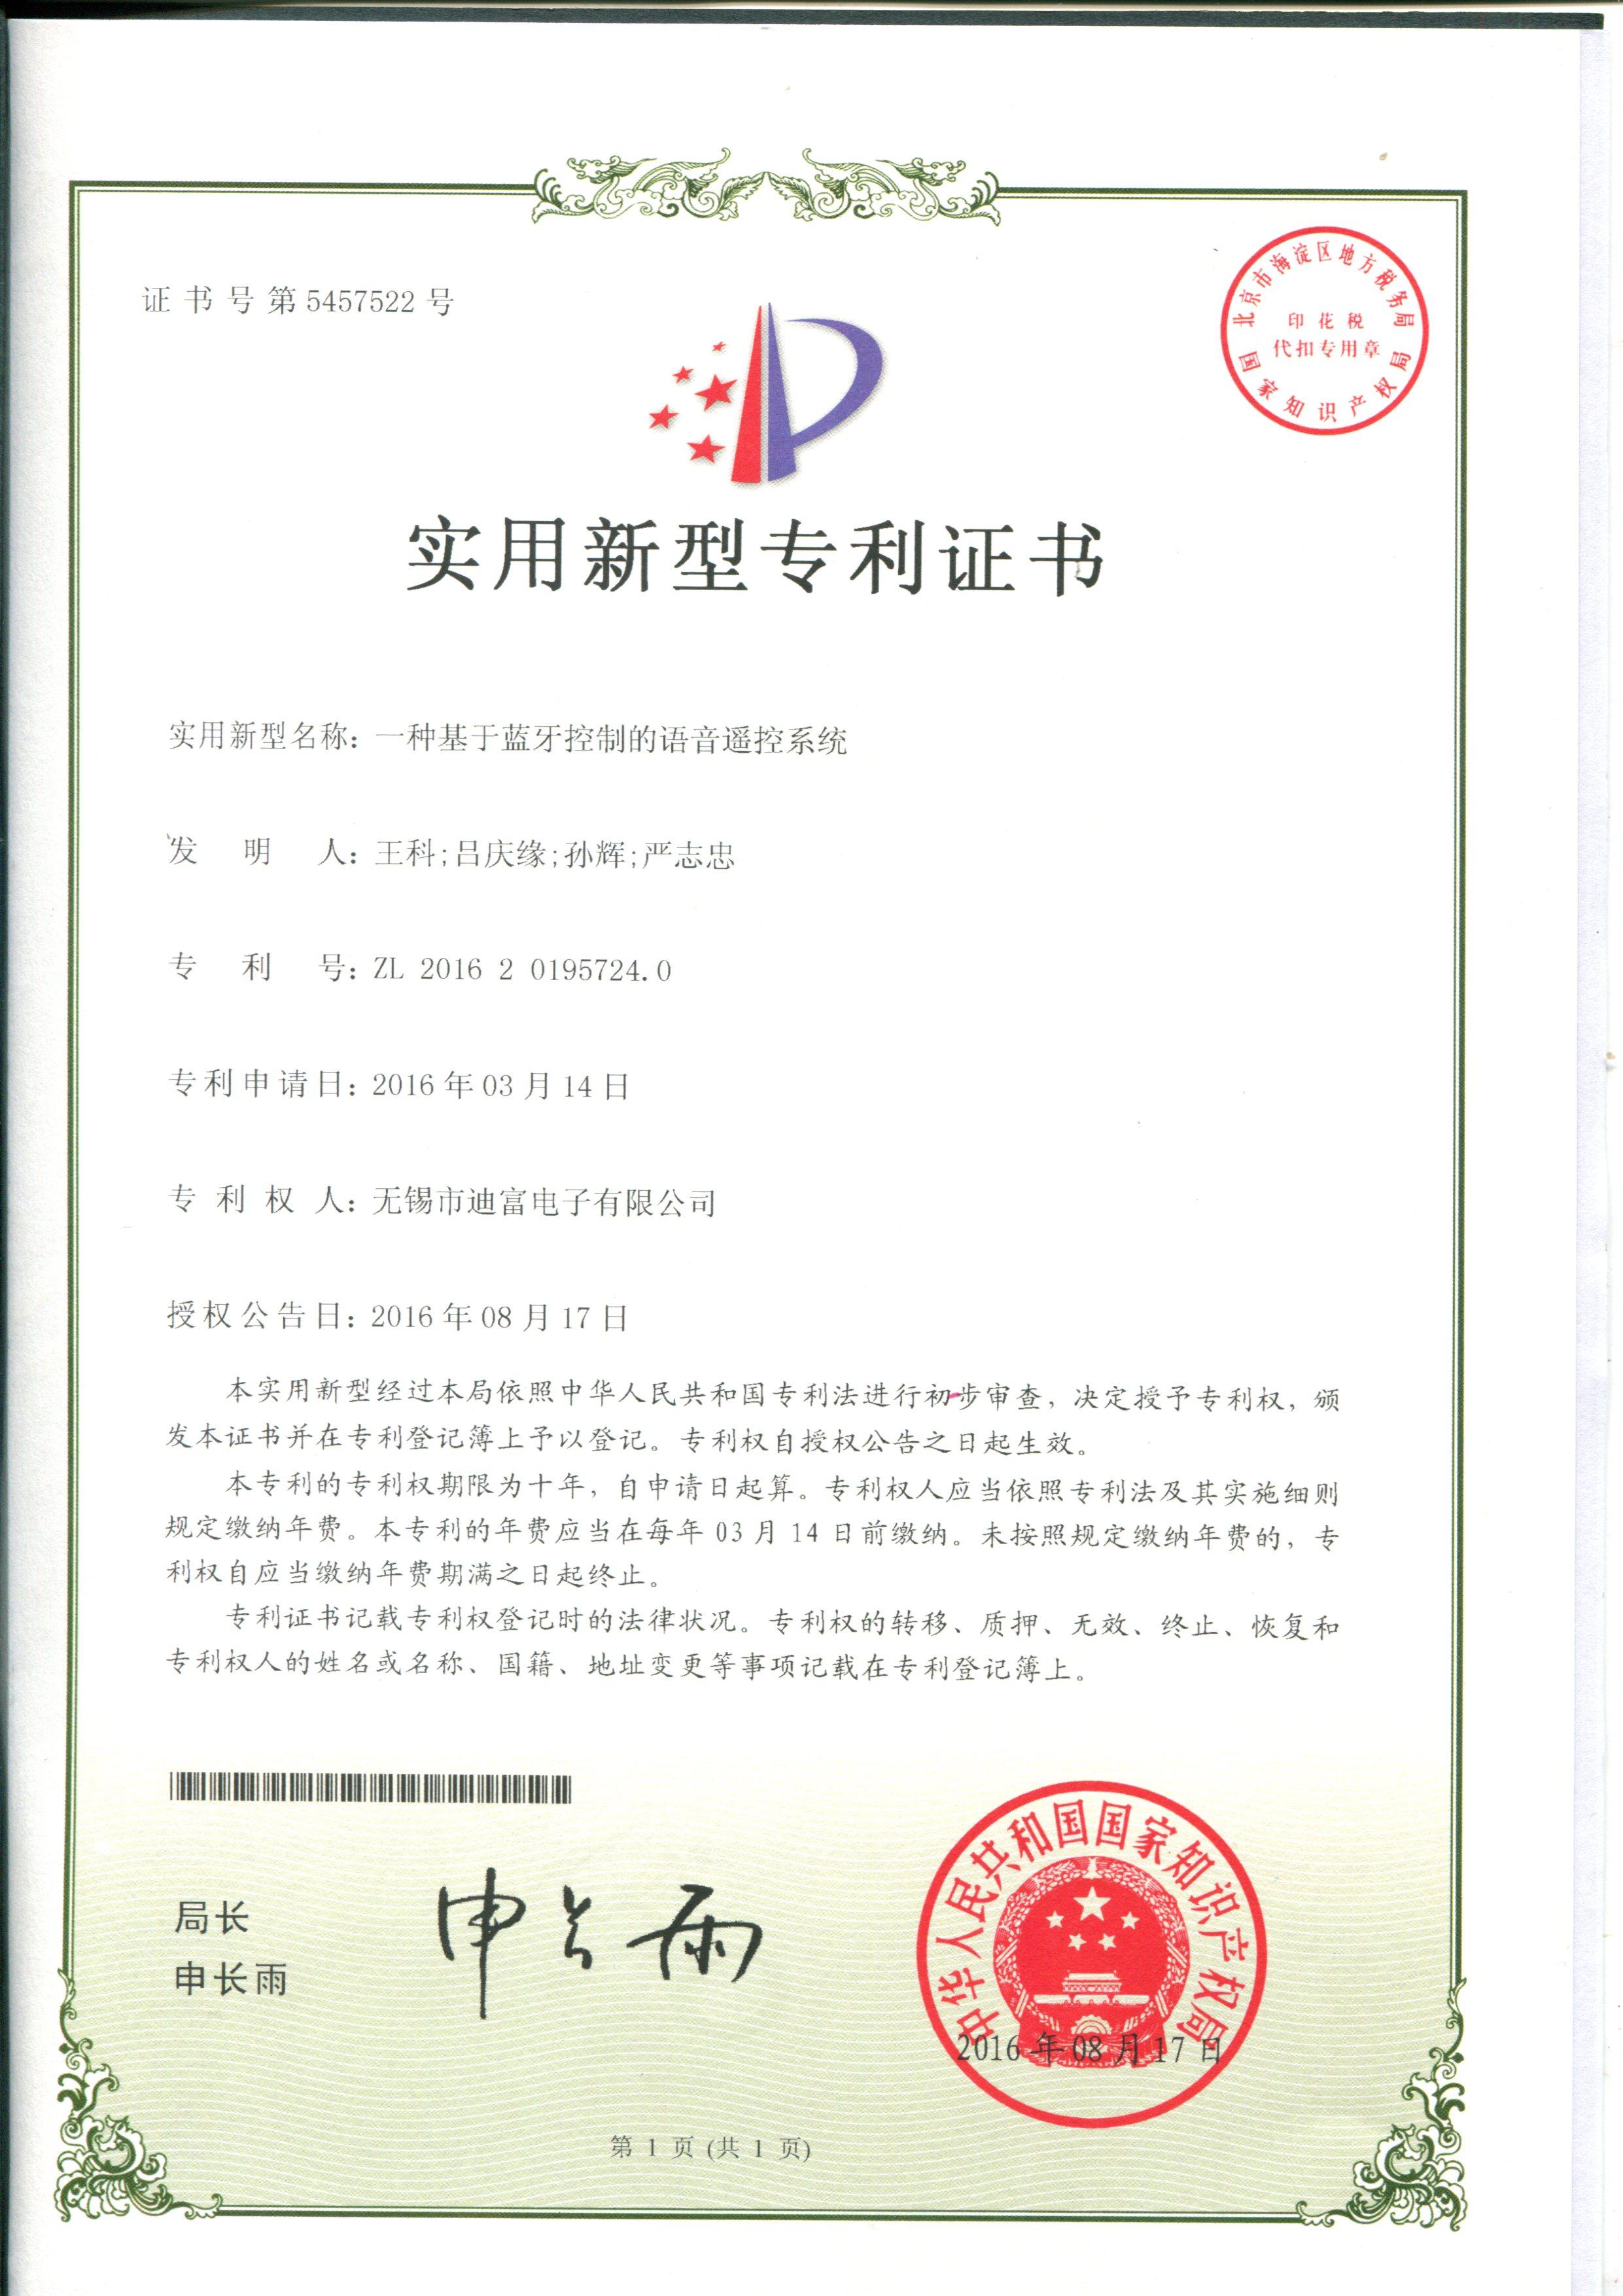 迪富电子蓝牙控制语音遥控系统专利